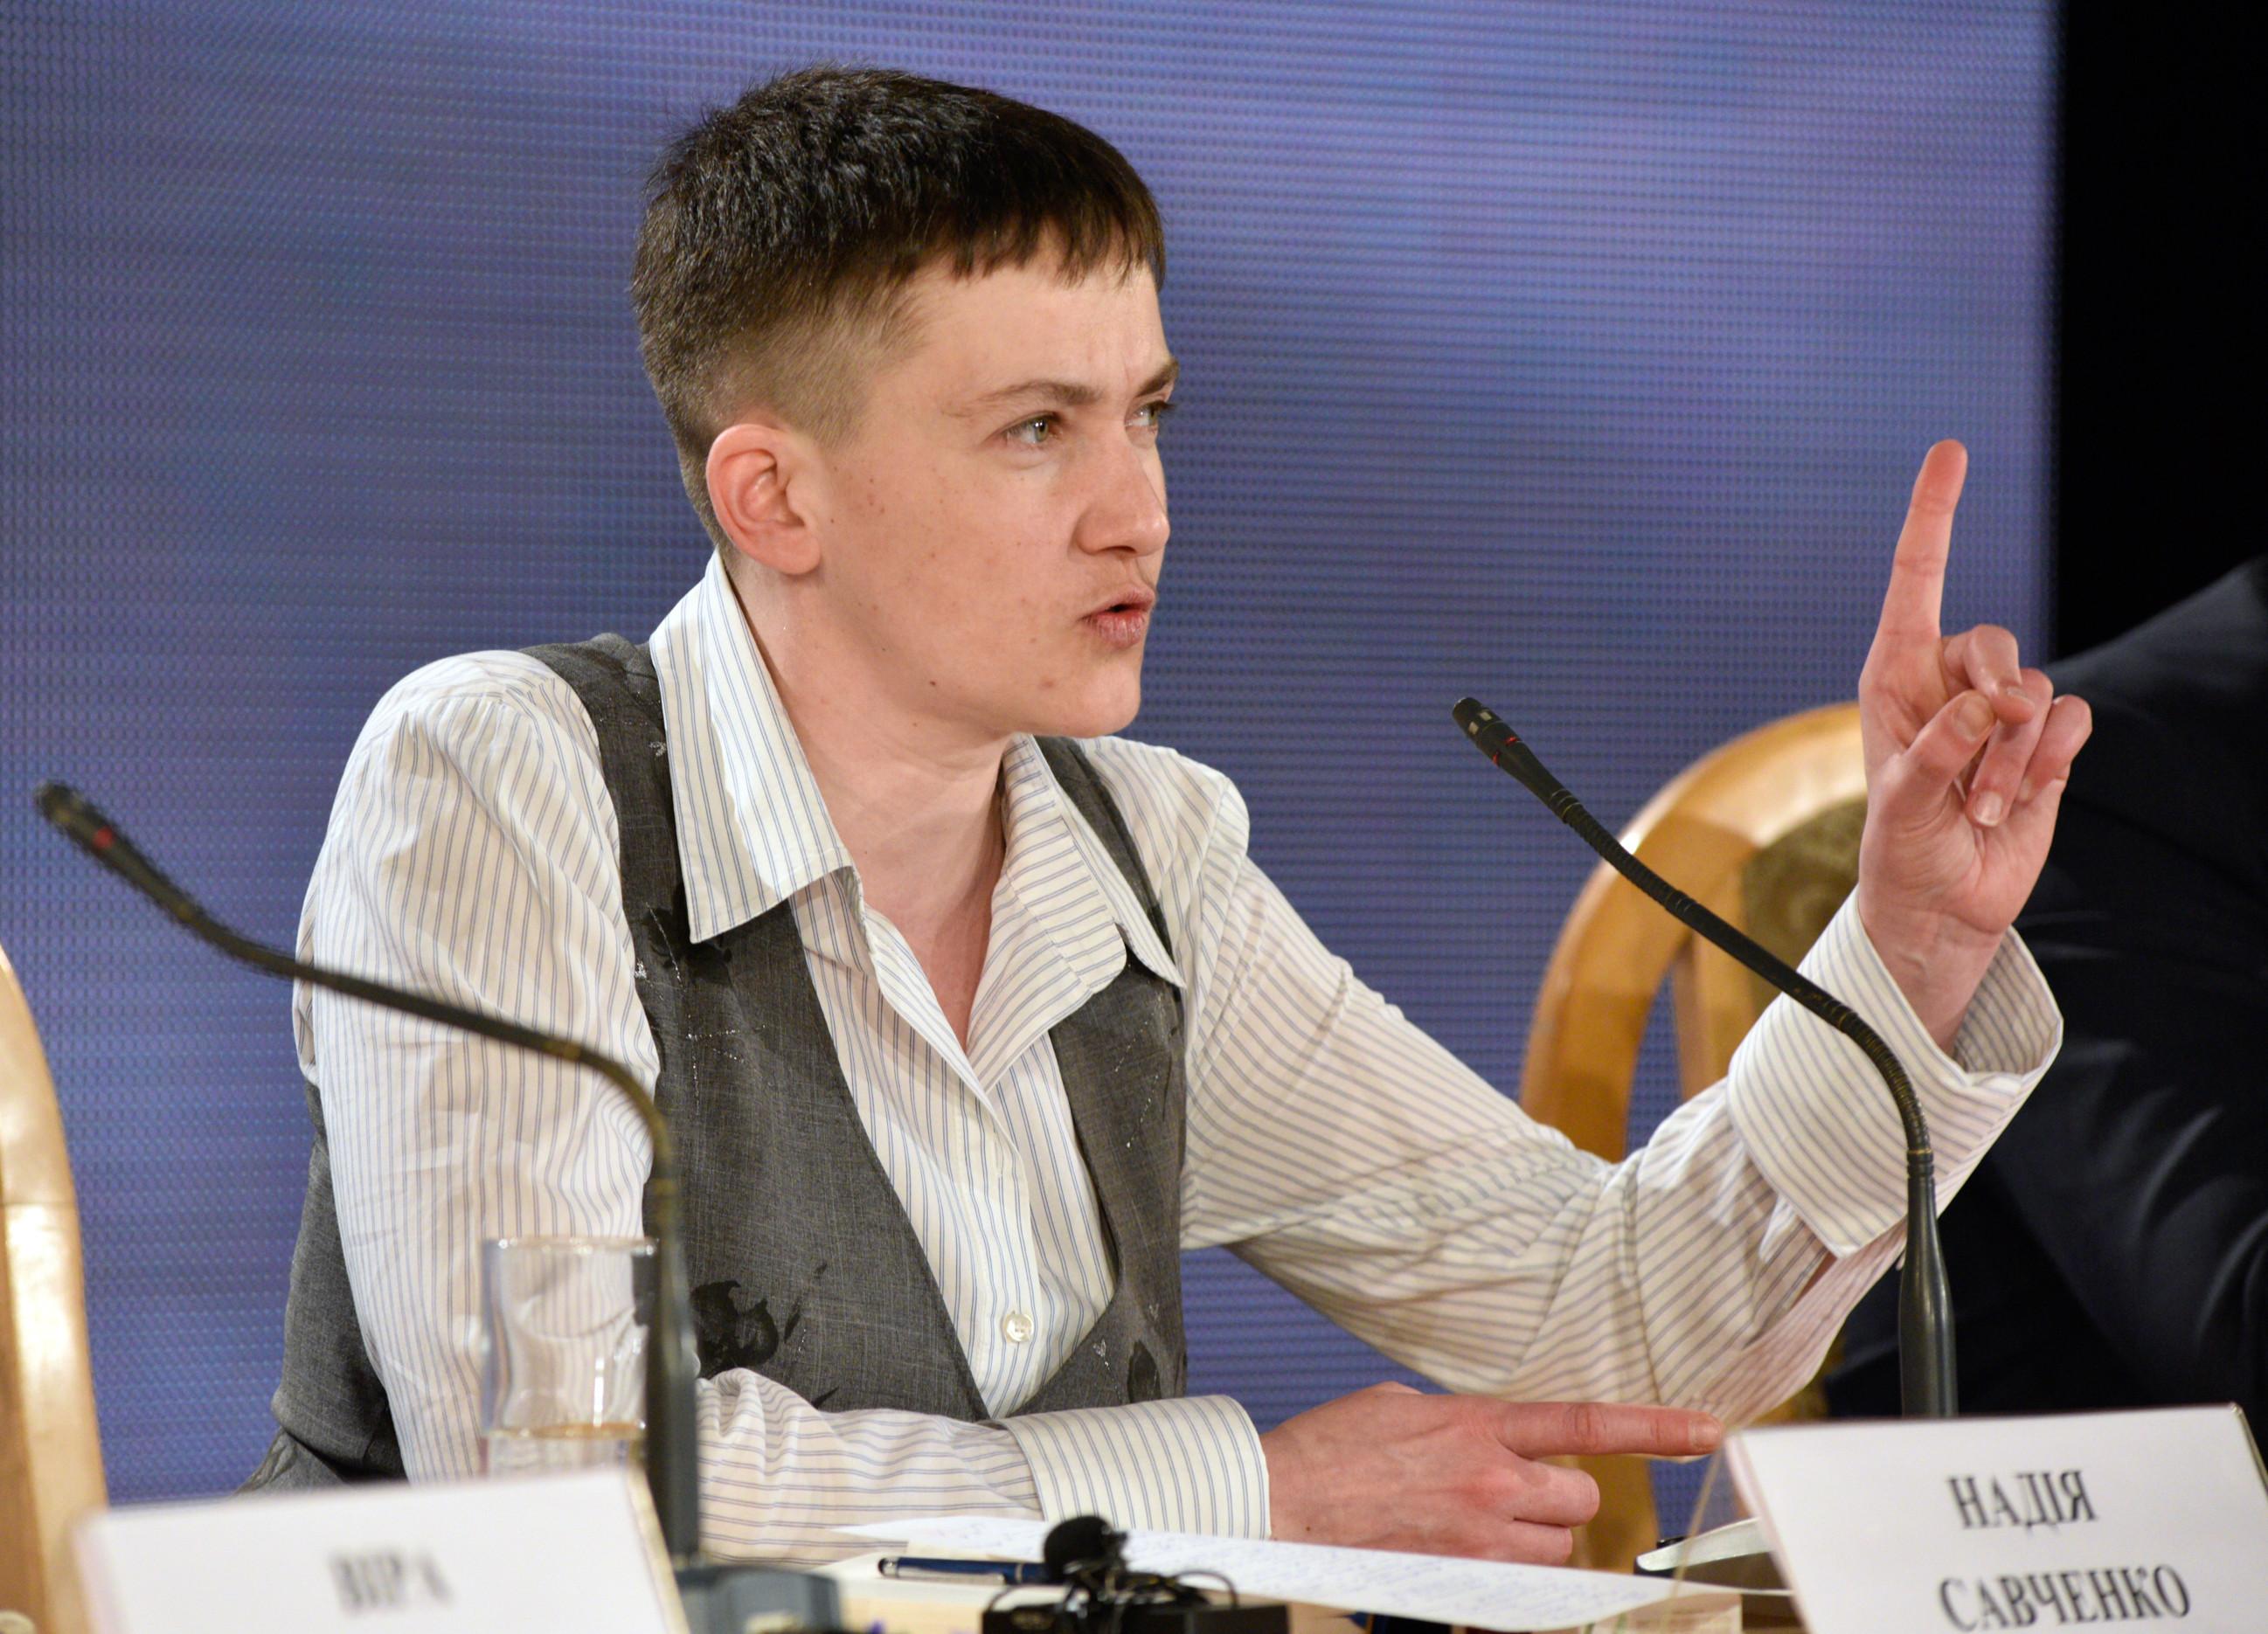 Надежда Савченко в мае 2016 года. Фото: © РИА Новости